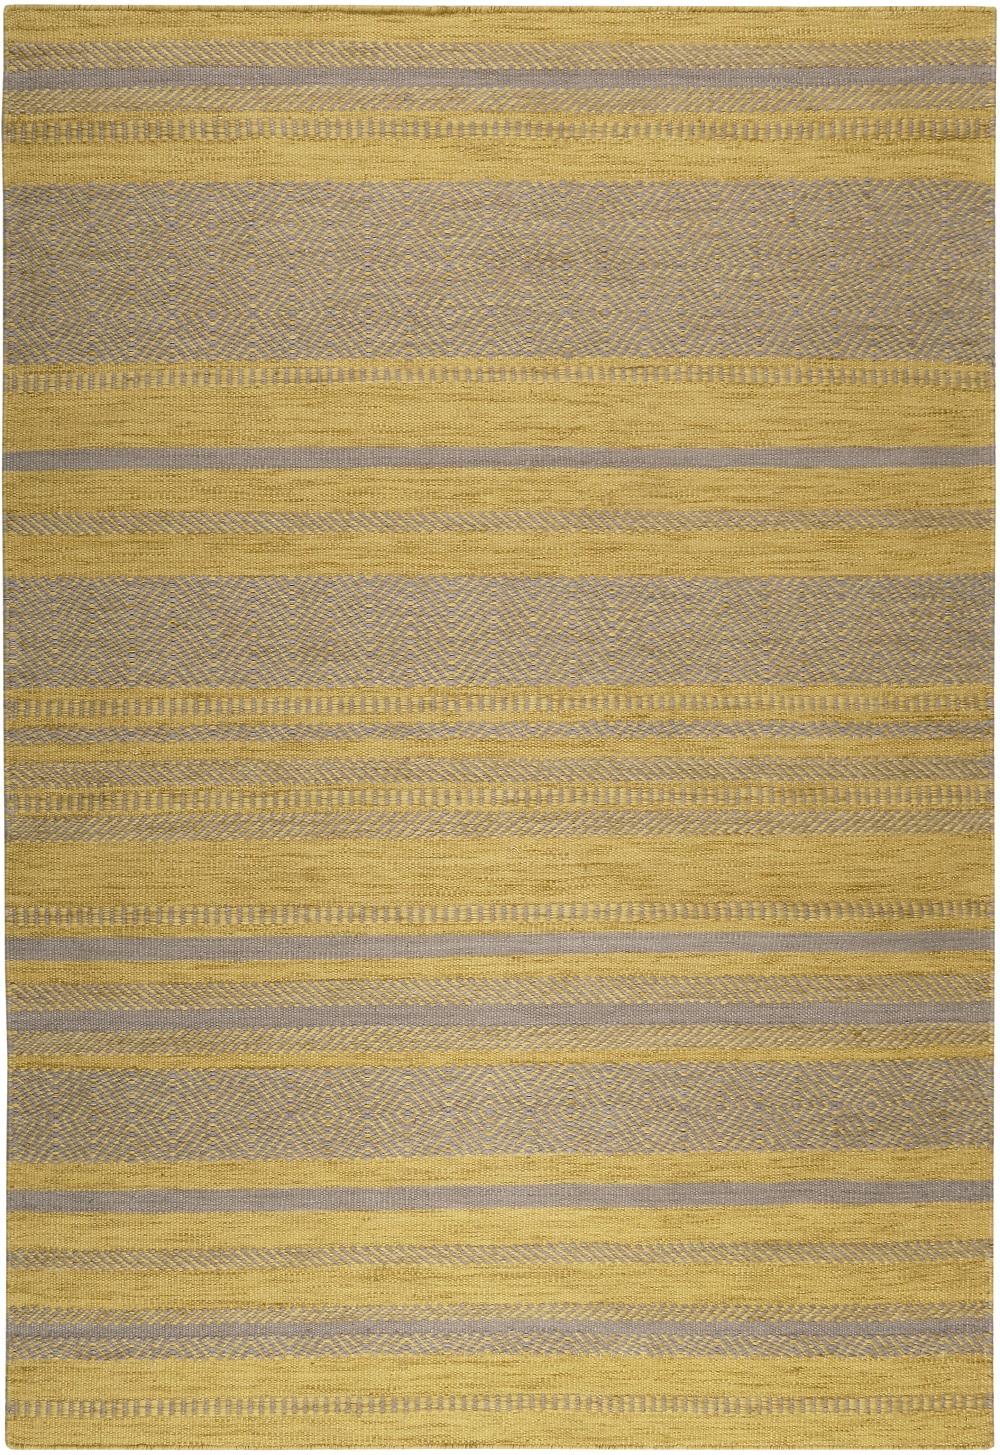 Teppich Esprit Hudson Kelim Esp 6113 05 Gelb Taupe Raum Quadrat